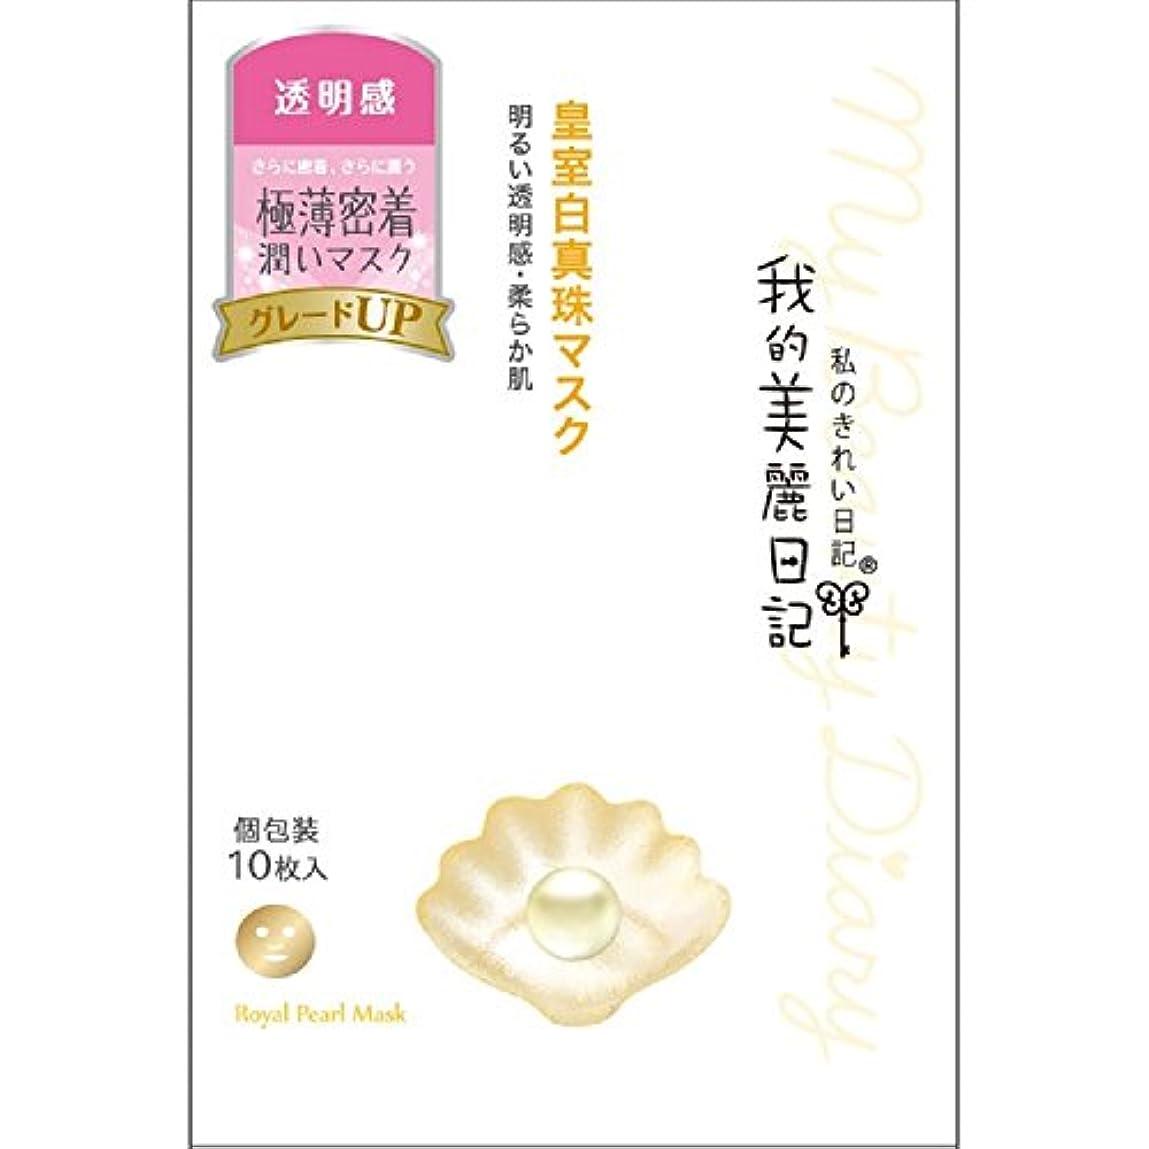 考古学箱使用法私のきれい日記 皇室白真珠マスク 10枚入り